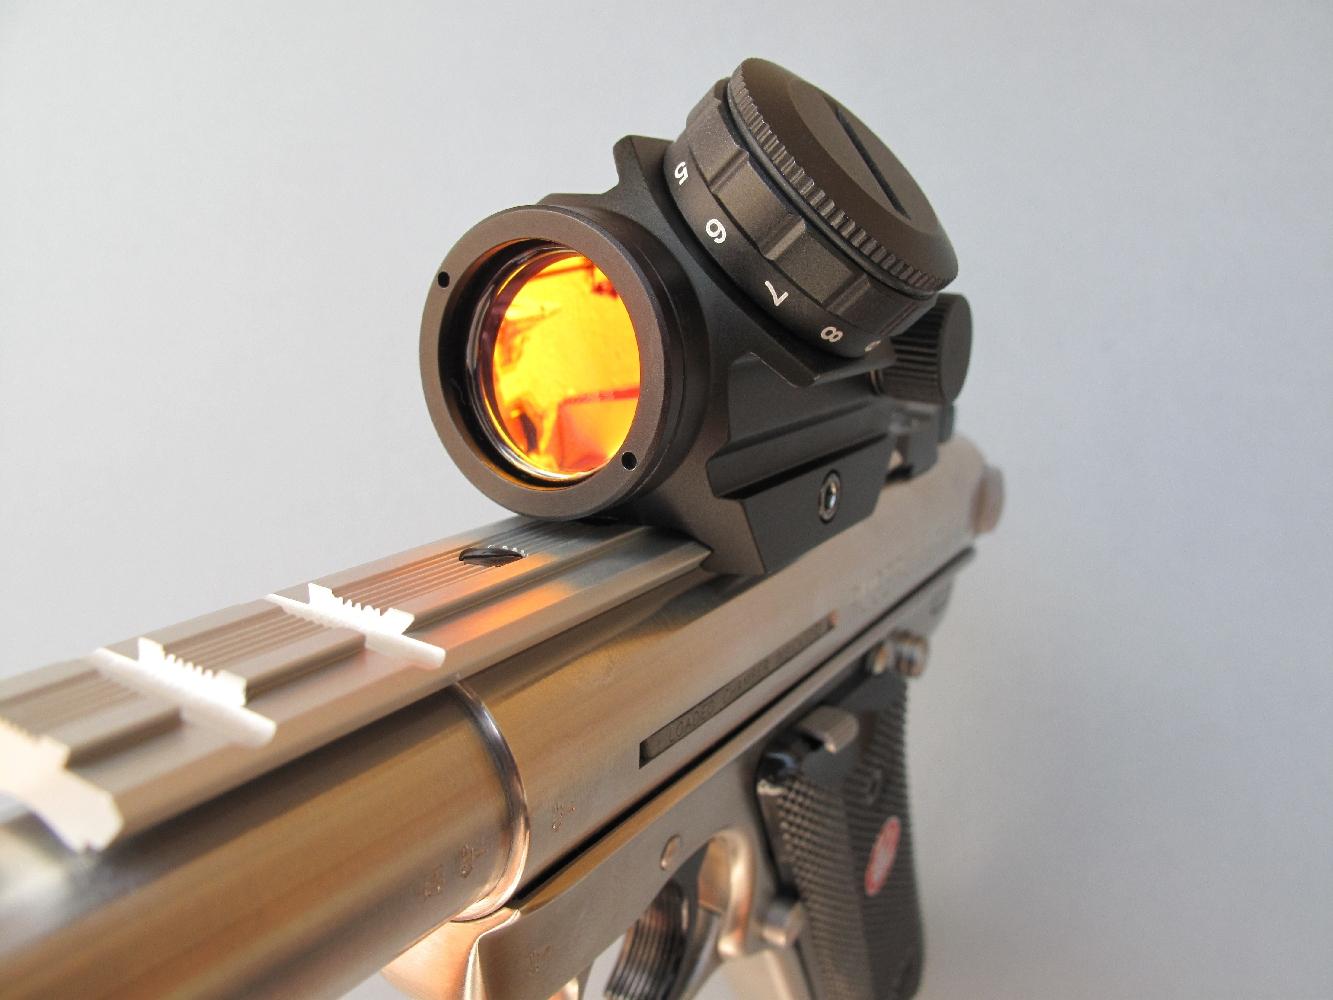 Afin d'effectuer nos tests de précision dans les meilleures conditions possibles, nous avons équipé notre pistolet de test du viseur à point rouge compact modèle « Mini Dot Sight » réalisé par la firme helvétique Swiss Arms.